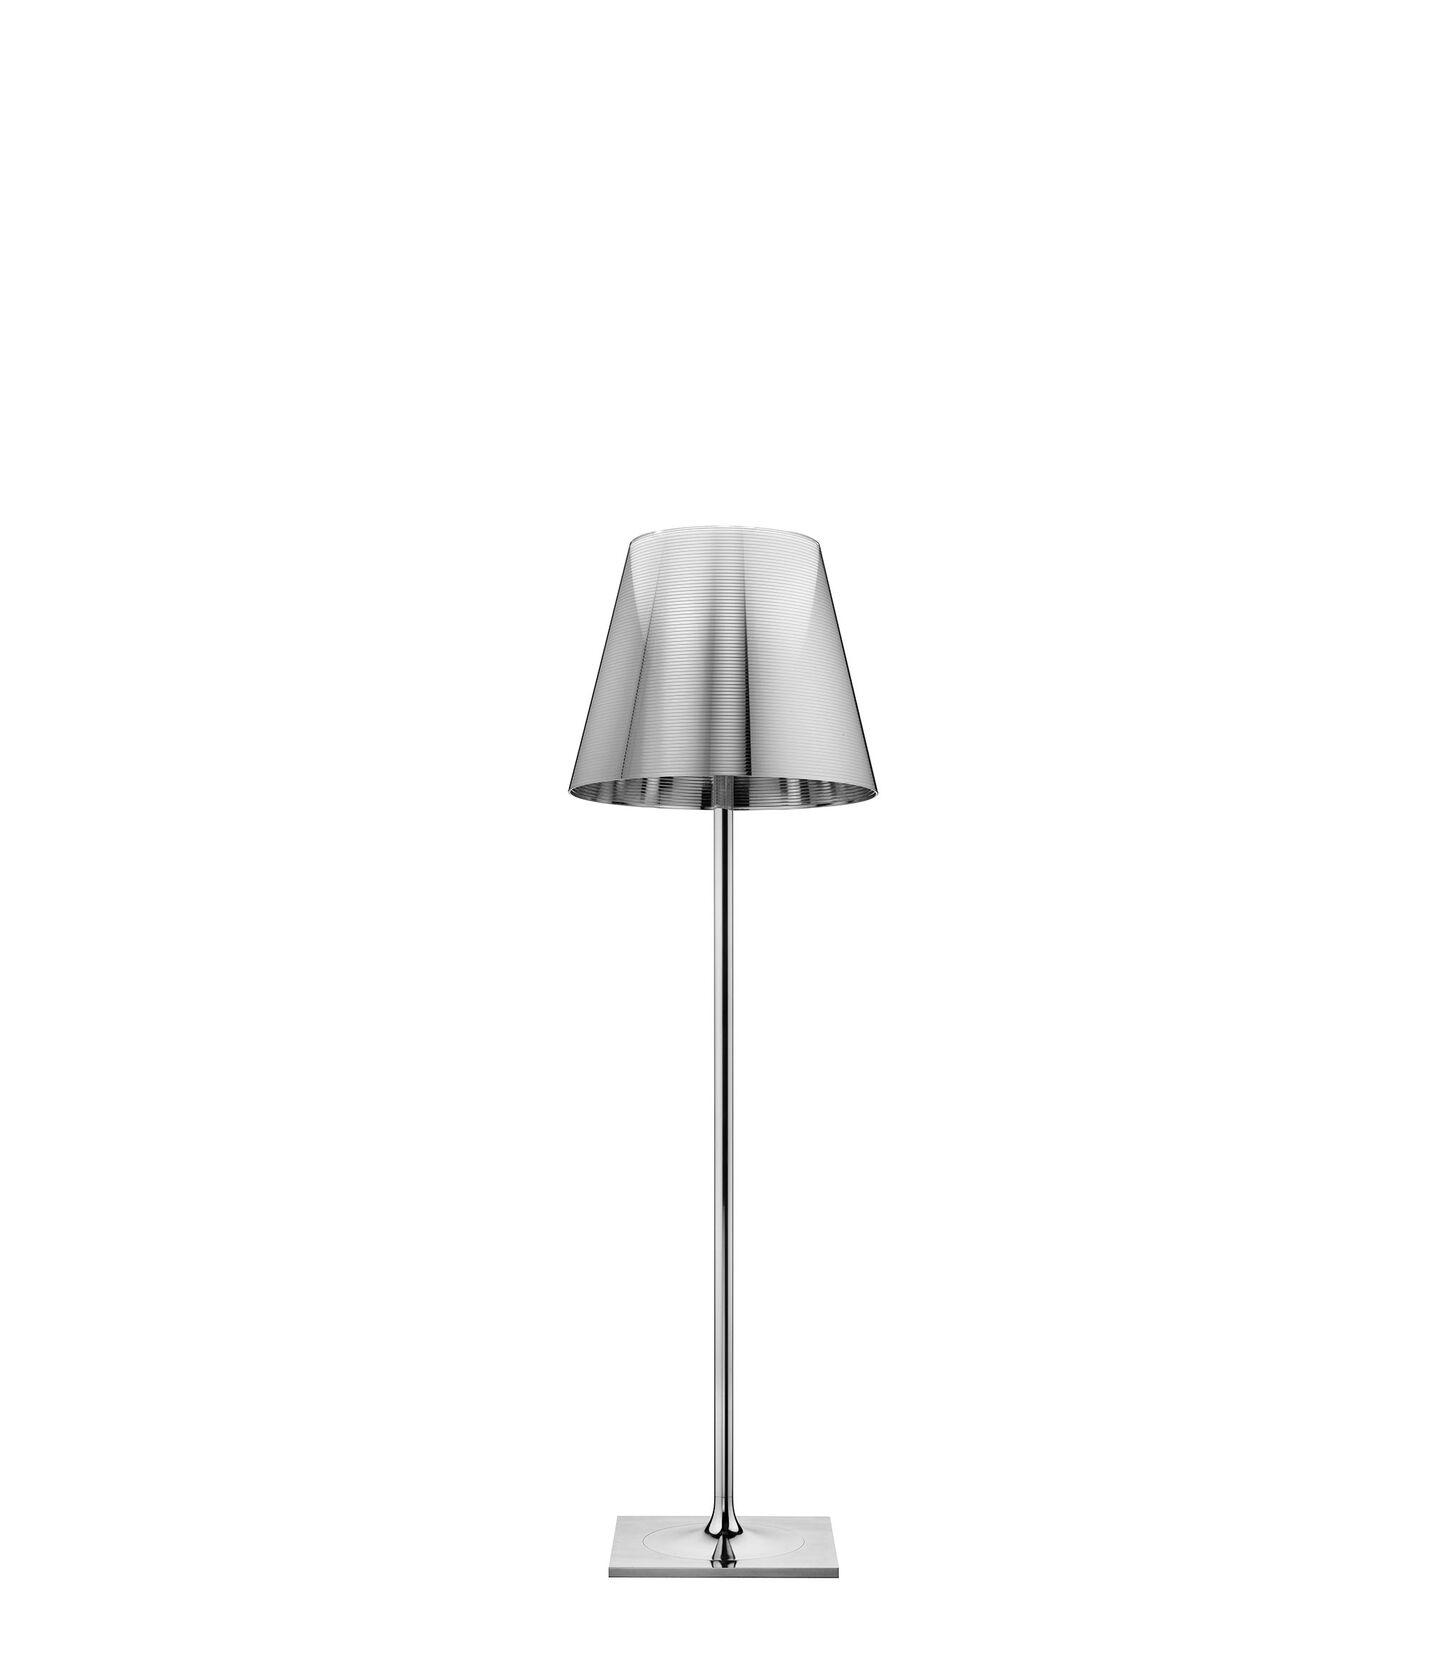 ktribe-floor-3-starck-flos-F6301004-product-still-life-big